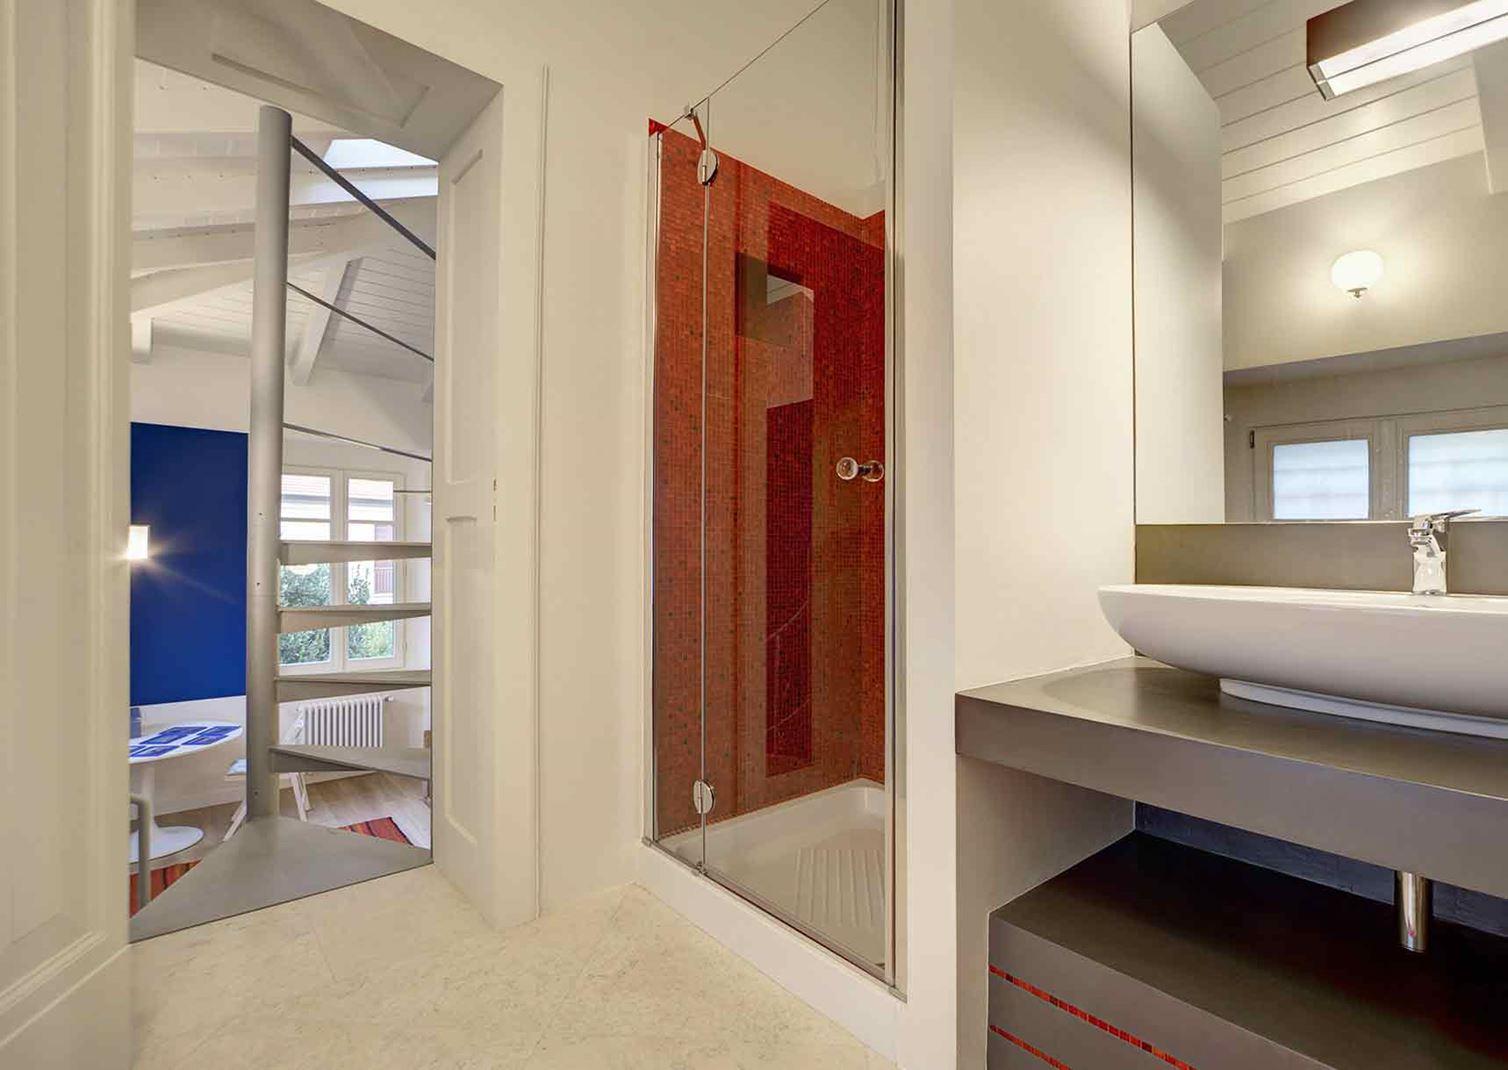 Una casa mansardata con camera sul soppalco for Registrare i piani di casa con soppalco